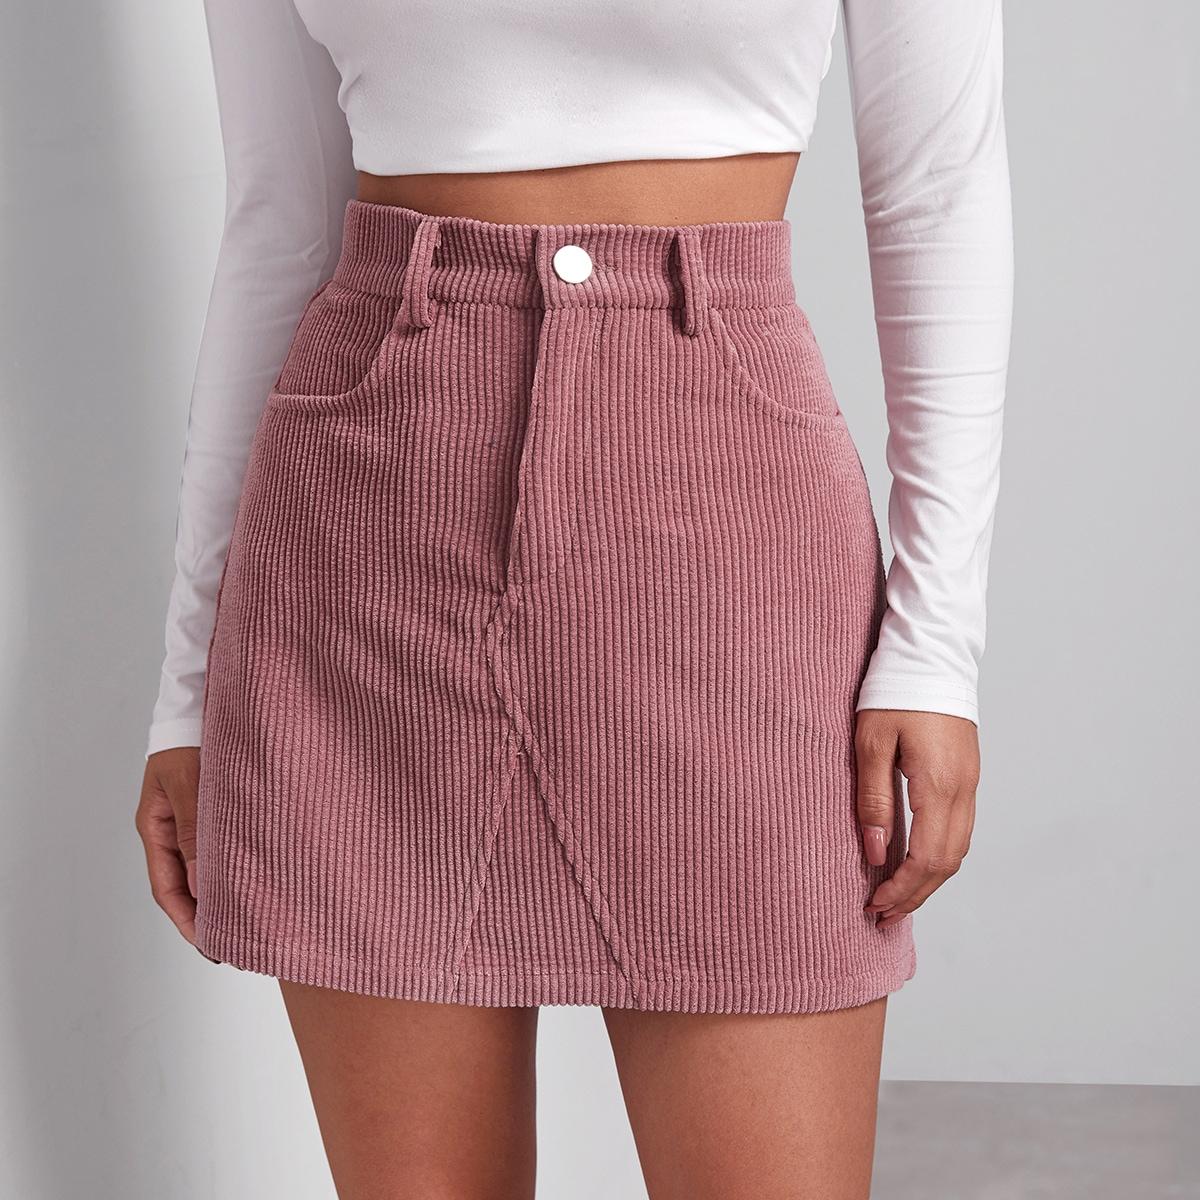 Вельветовая юбка с пуговицами